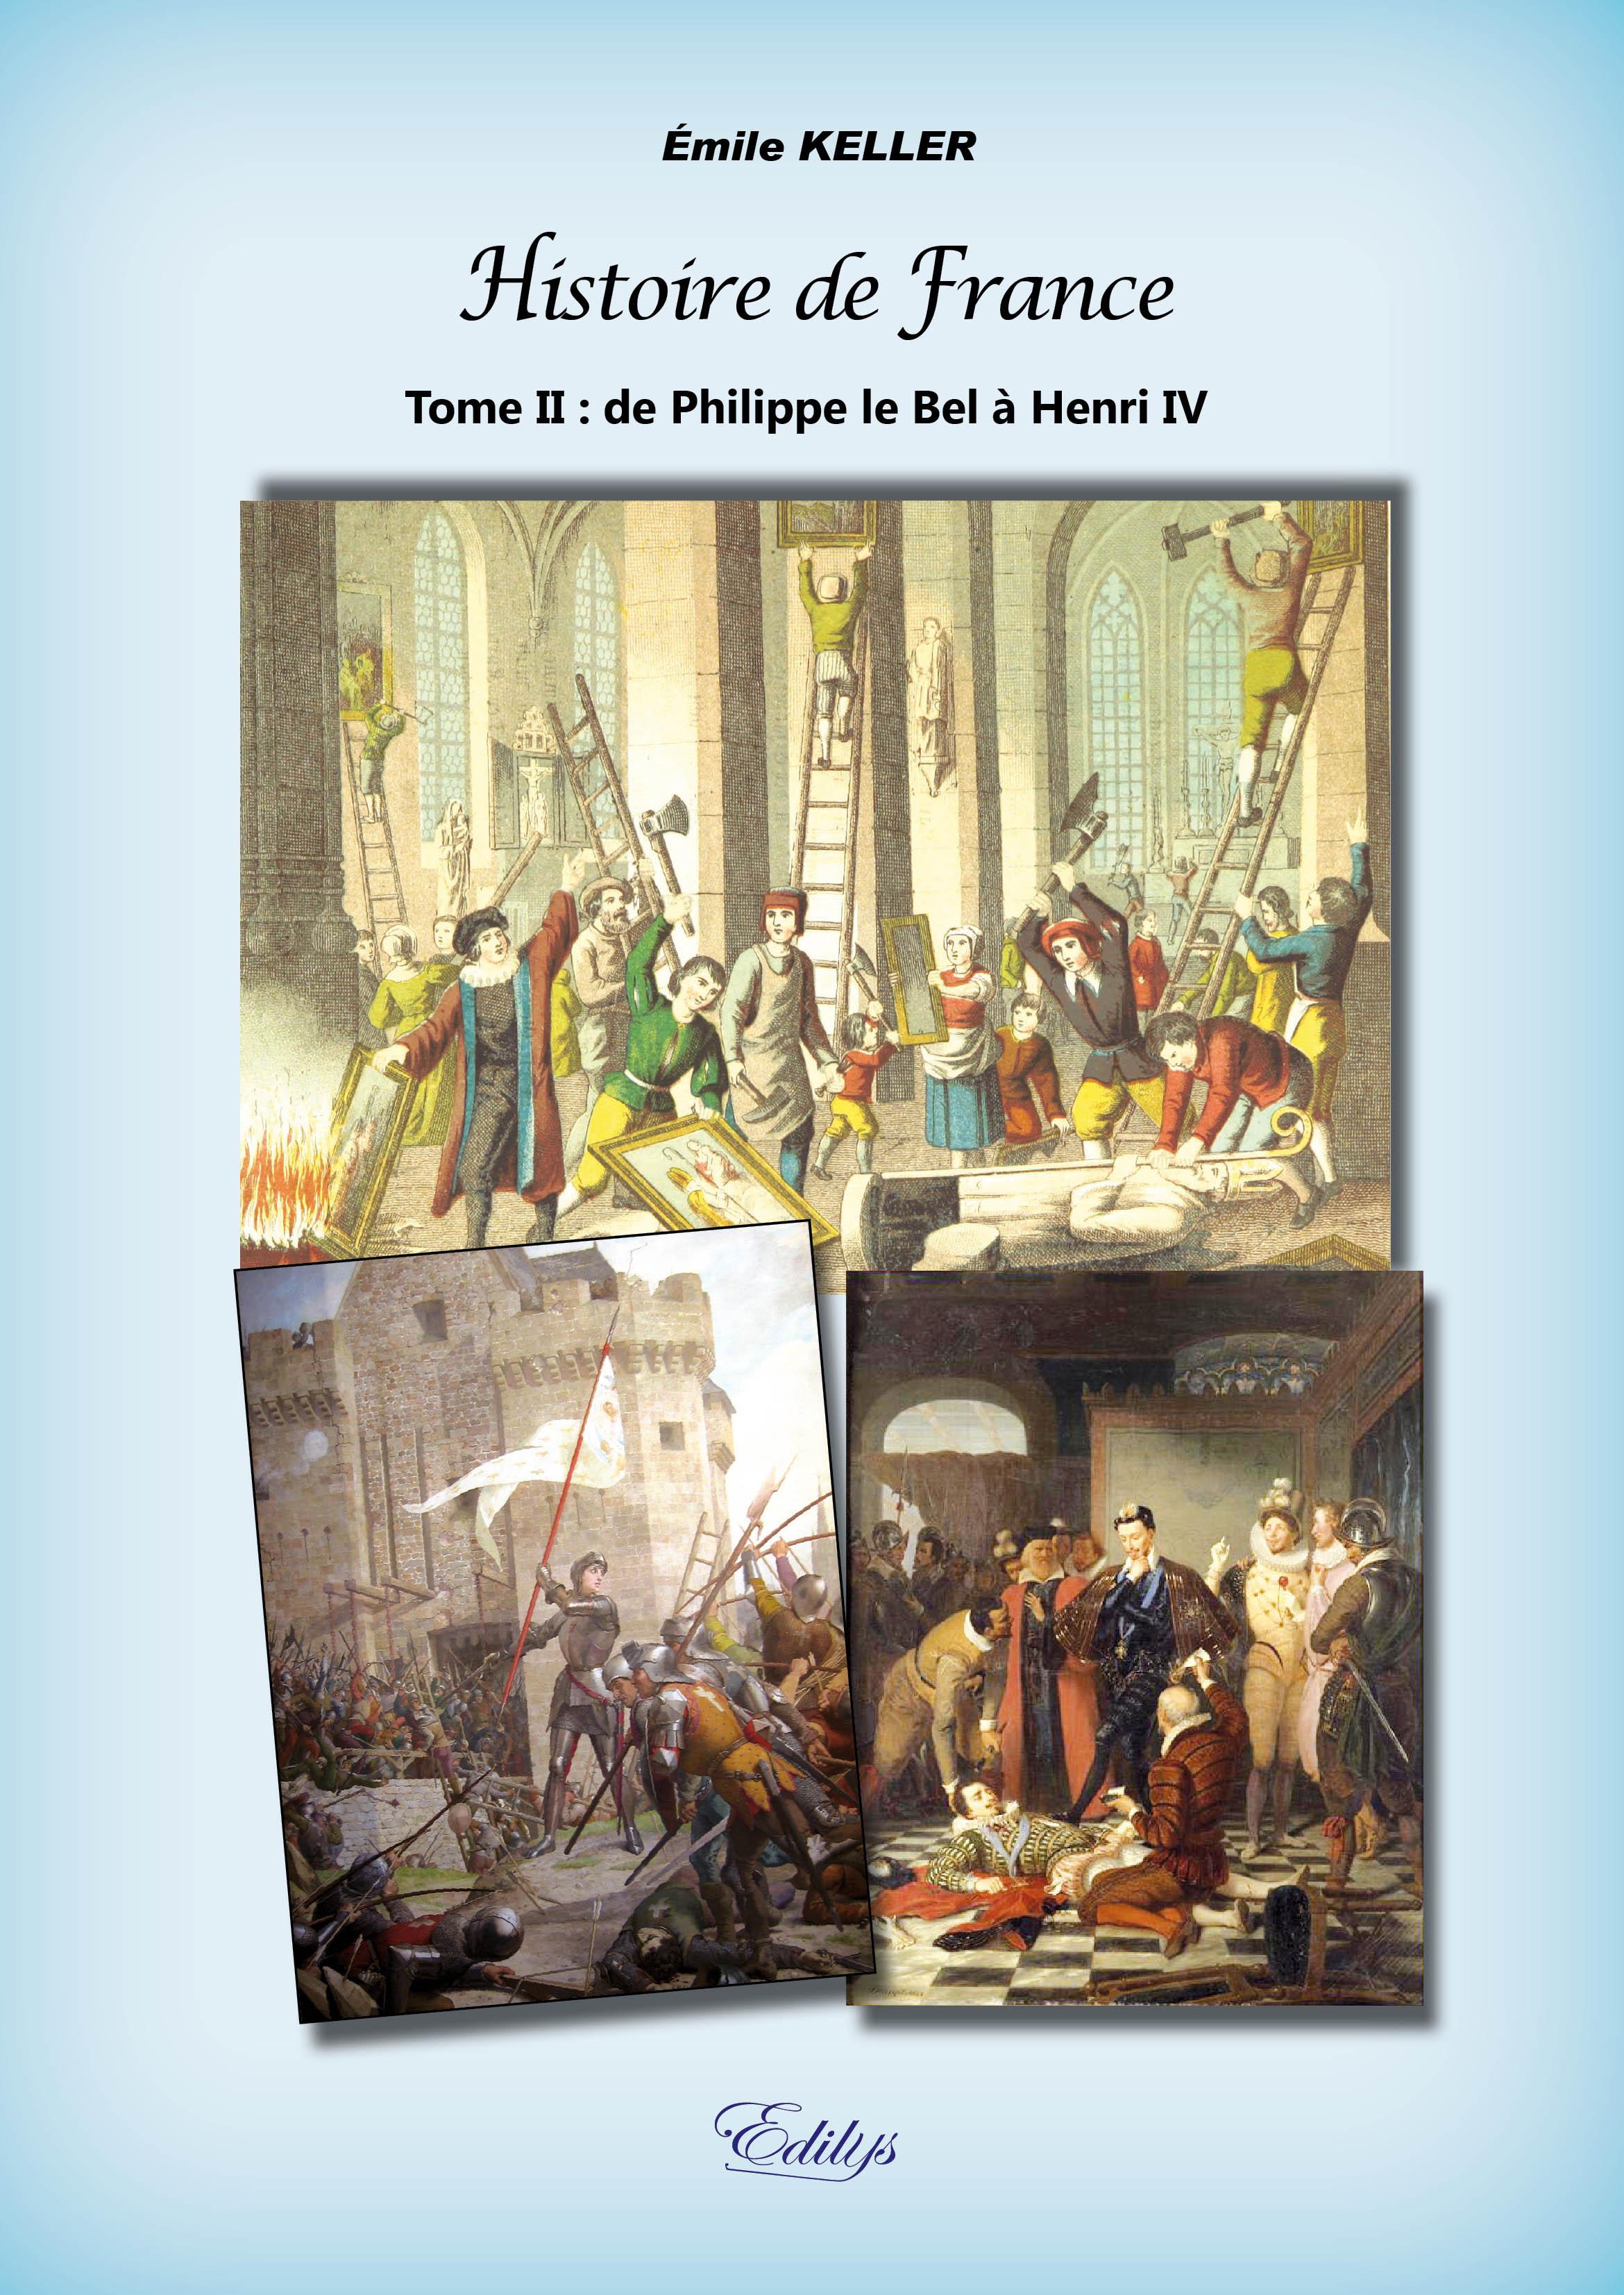 HISTOIRE DE FRANCE, DE PHILIPPE LE BEL A HENRI IV